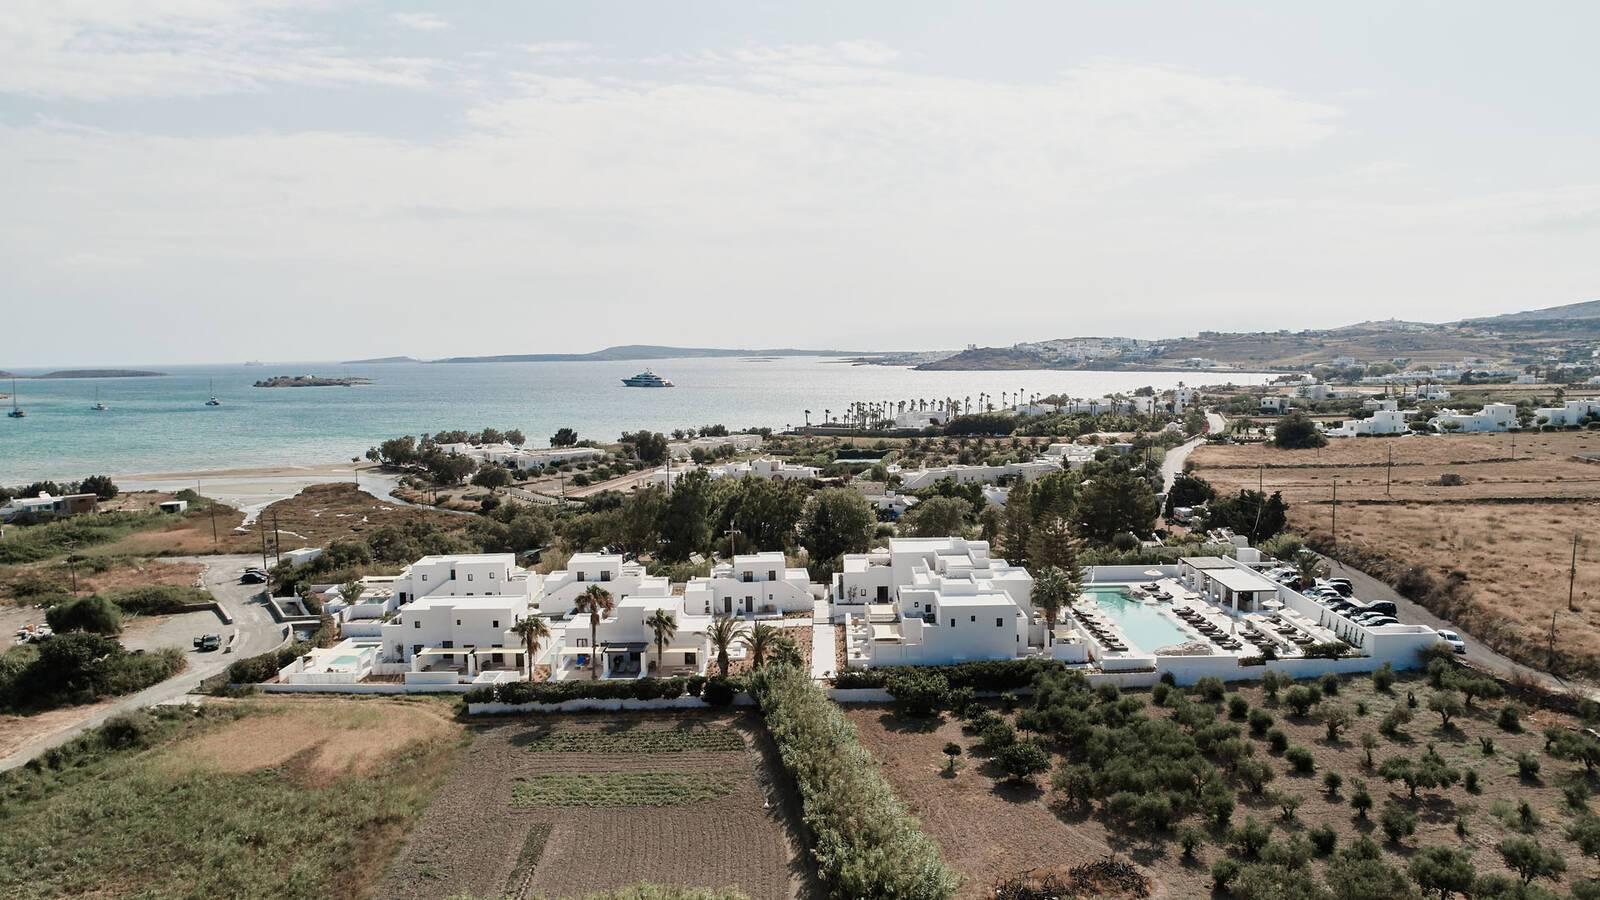 Sejour grece paros parilio vue